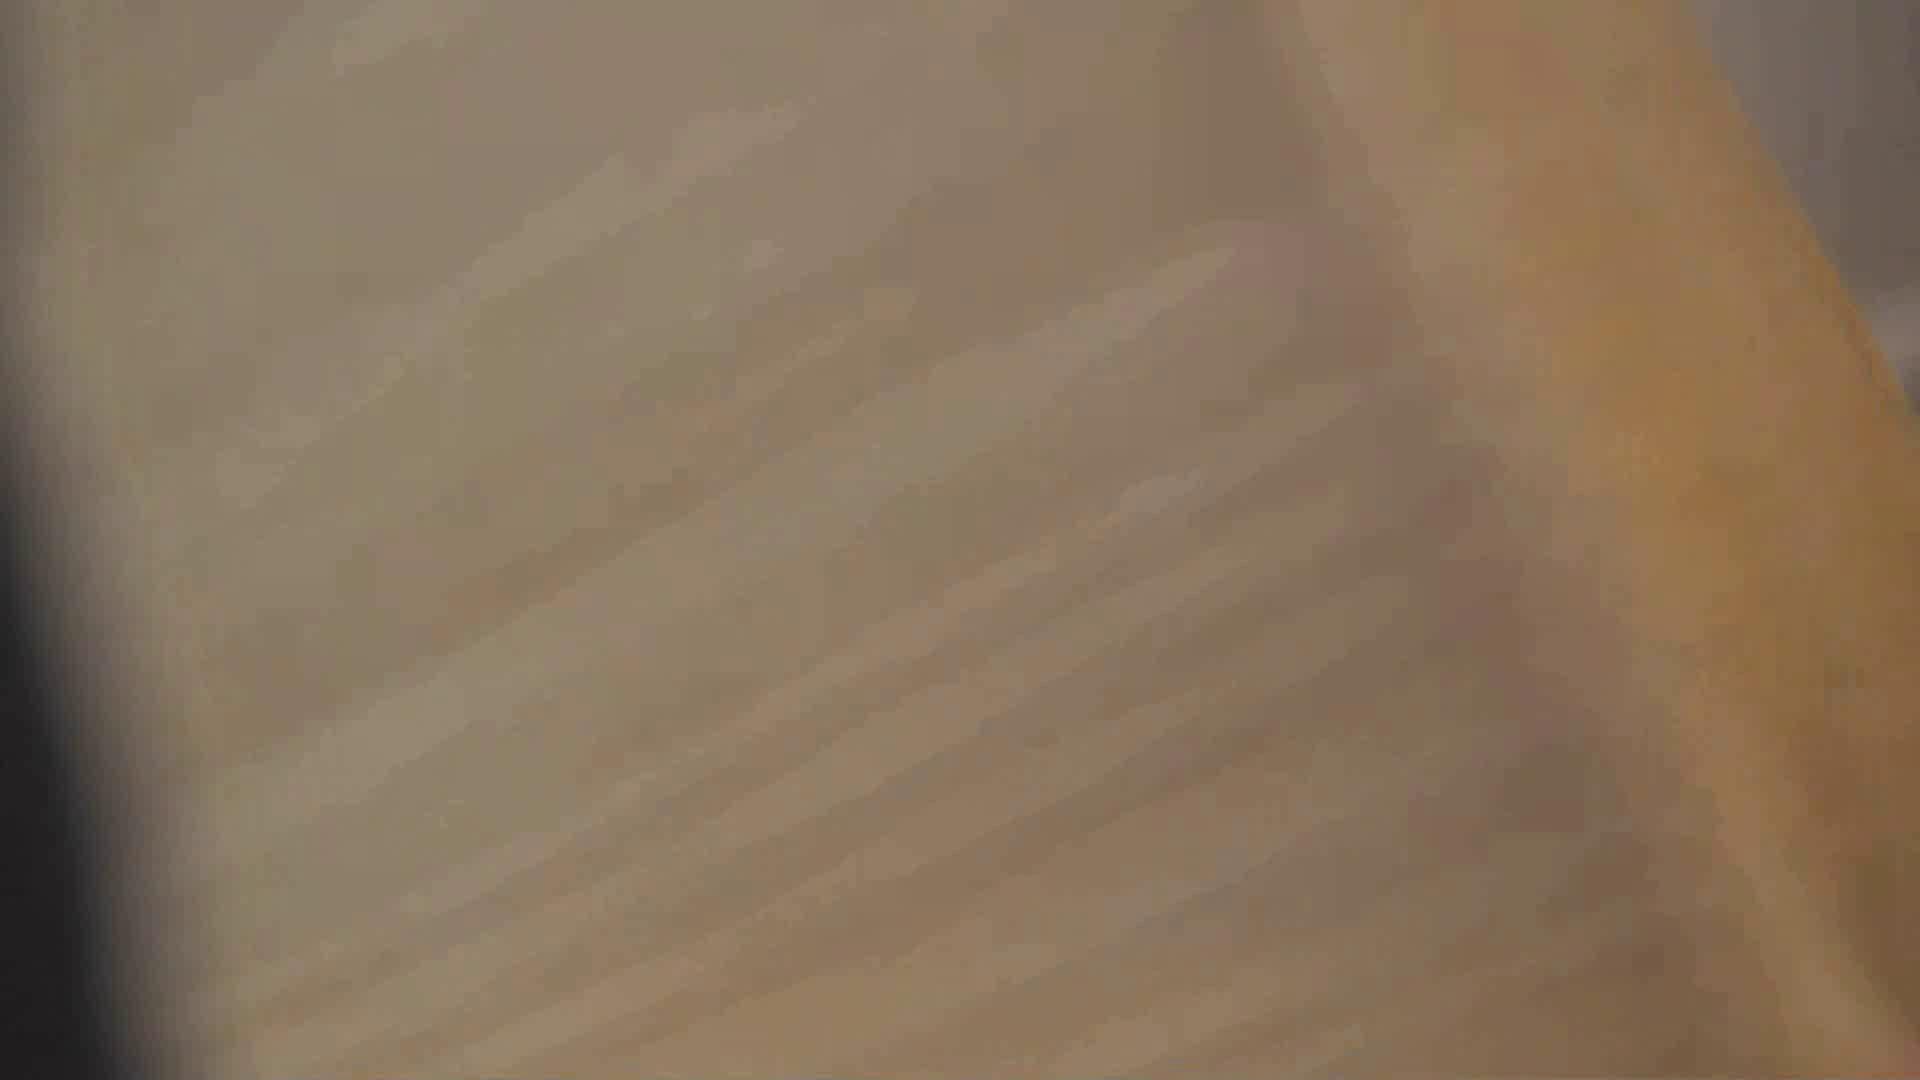 阿国ちゃんの「和式洋式七変化」No.18 iBO(フタコブ) ギャル達 | お姉さんのSEX  105枚 55